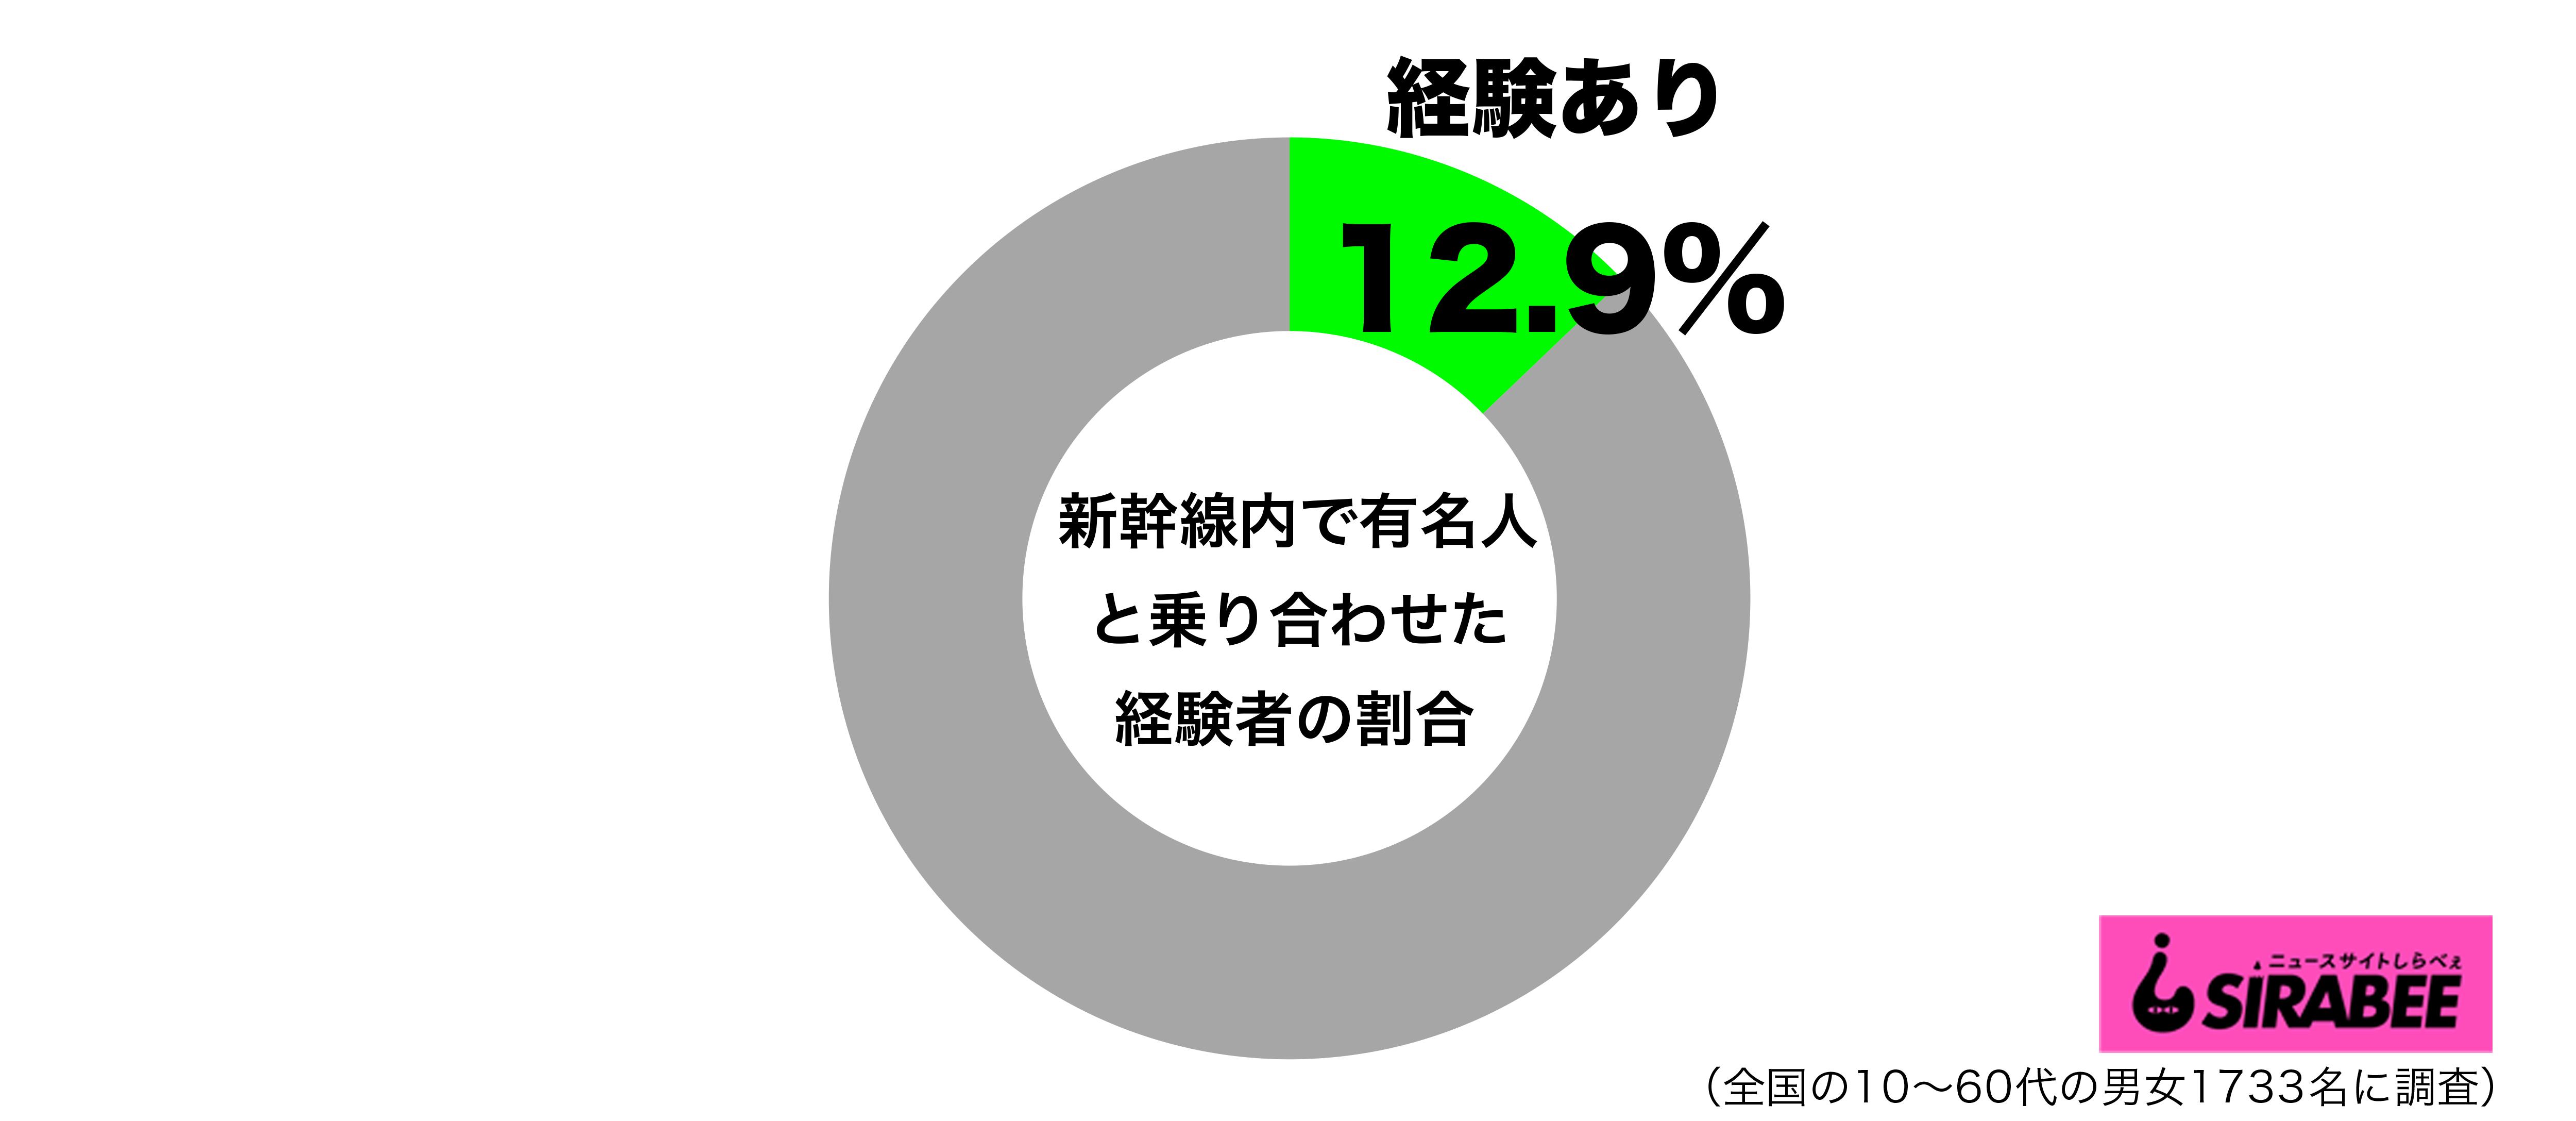 新幹線内で芸能人や有名人と乗り合わせたことがあるグラフ